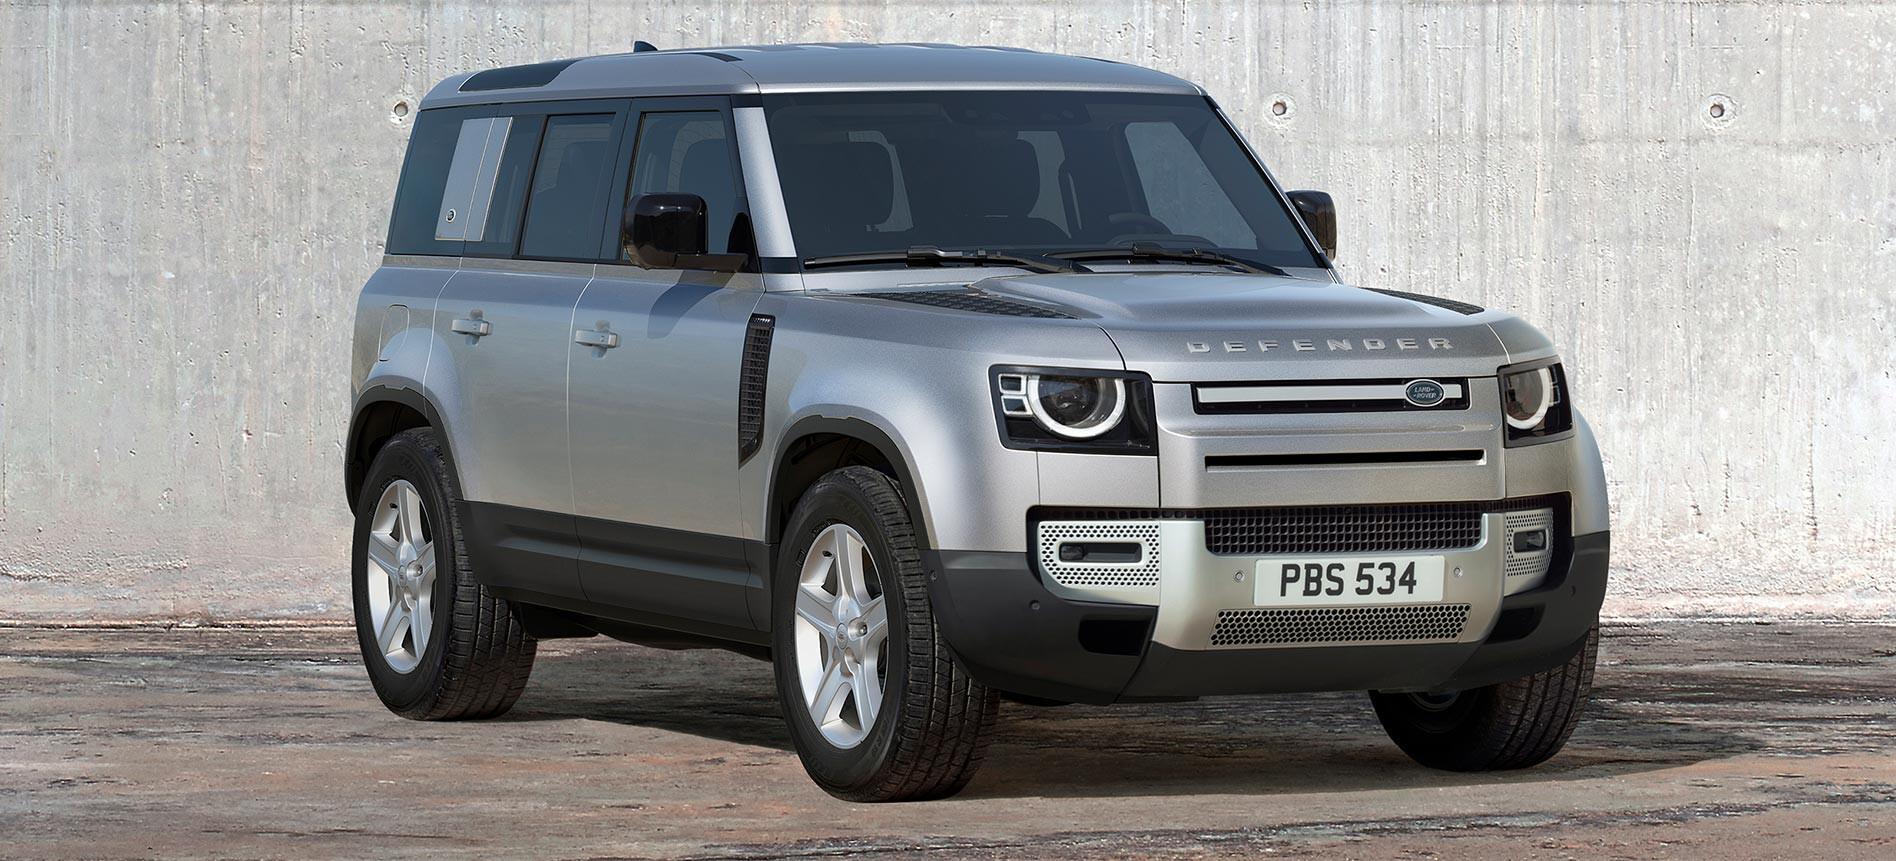 2020 Land Rover Defender 50 highlights news